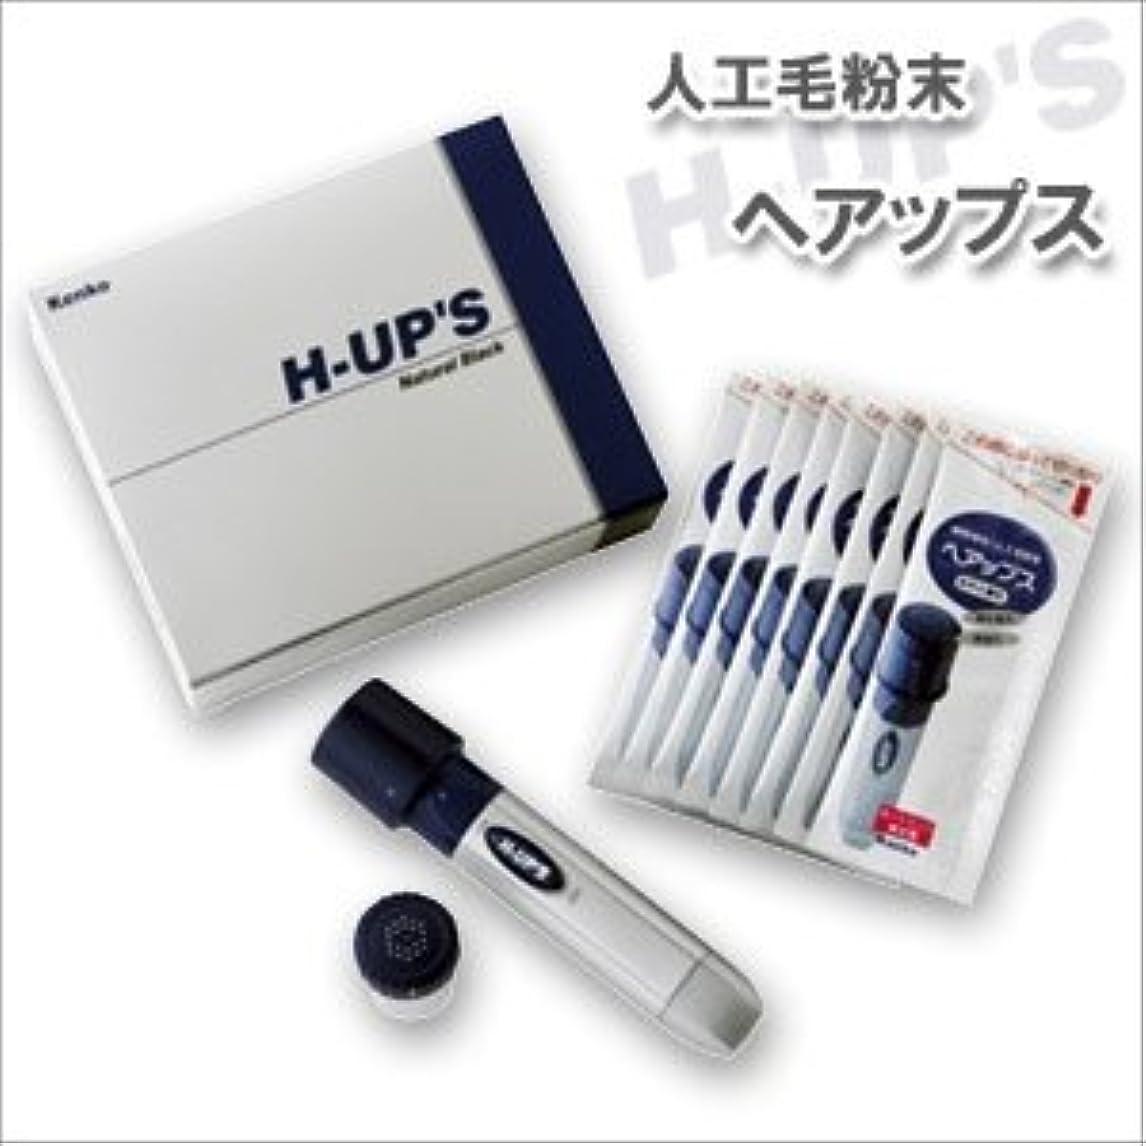 と擁するアイドルH-UP S ヘアップス 電動散布器本体 プラス 補充用カートリッジ 頭皮薄毛カバー粉末 ブラック